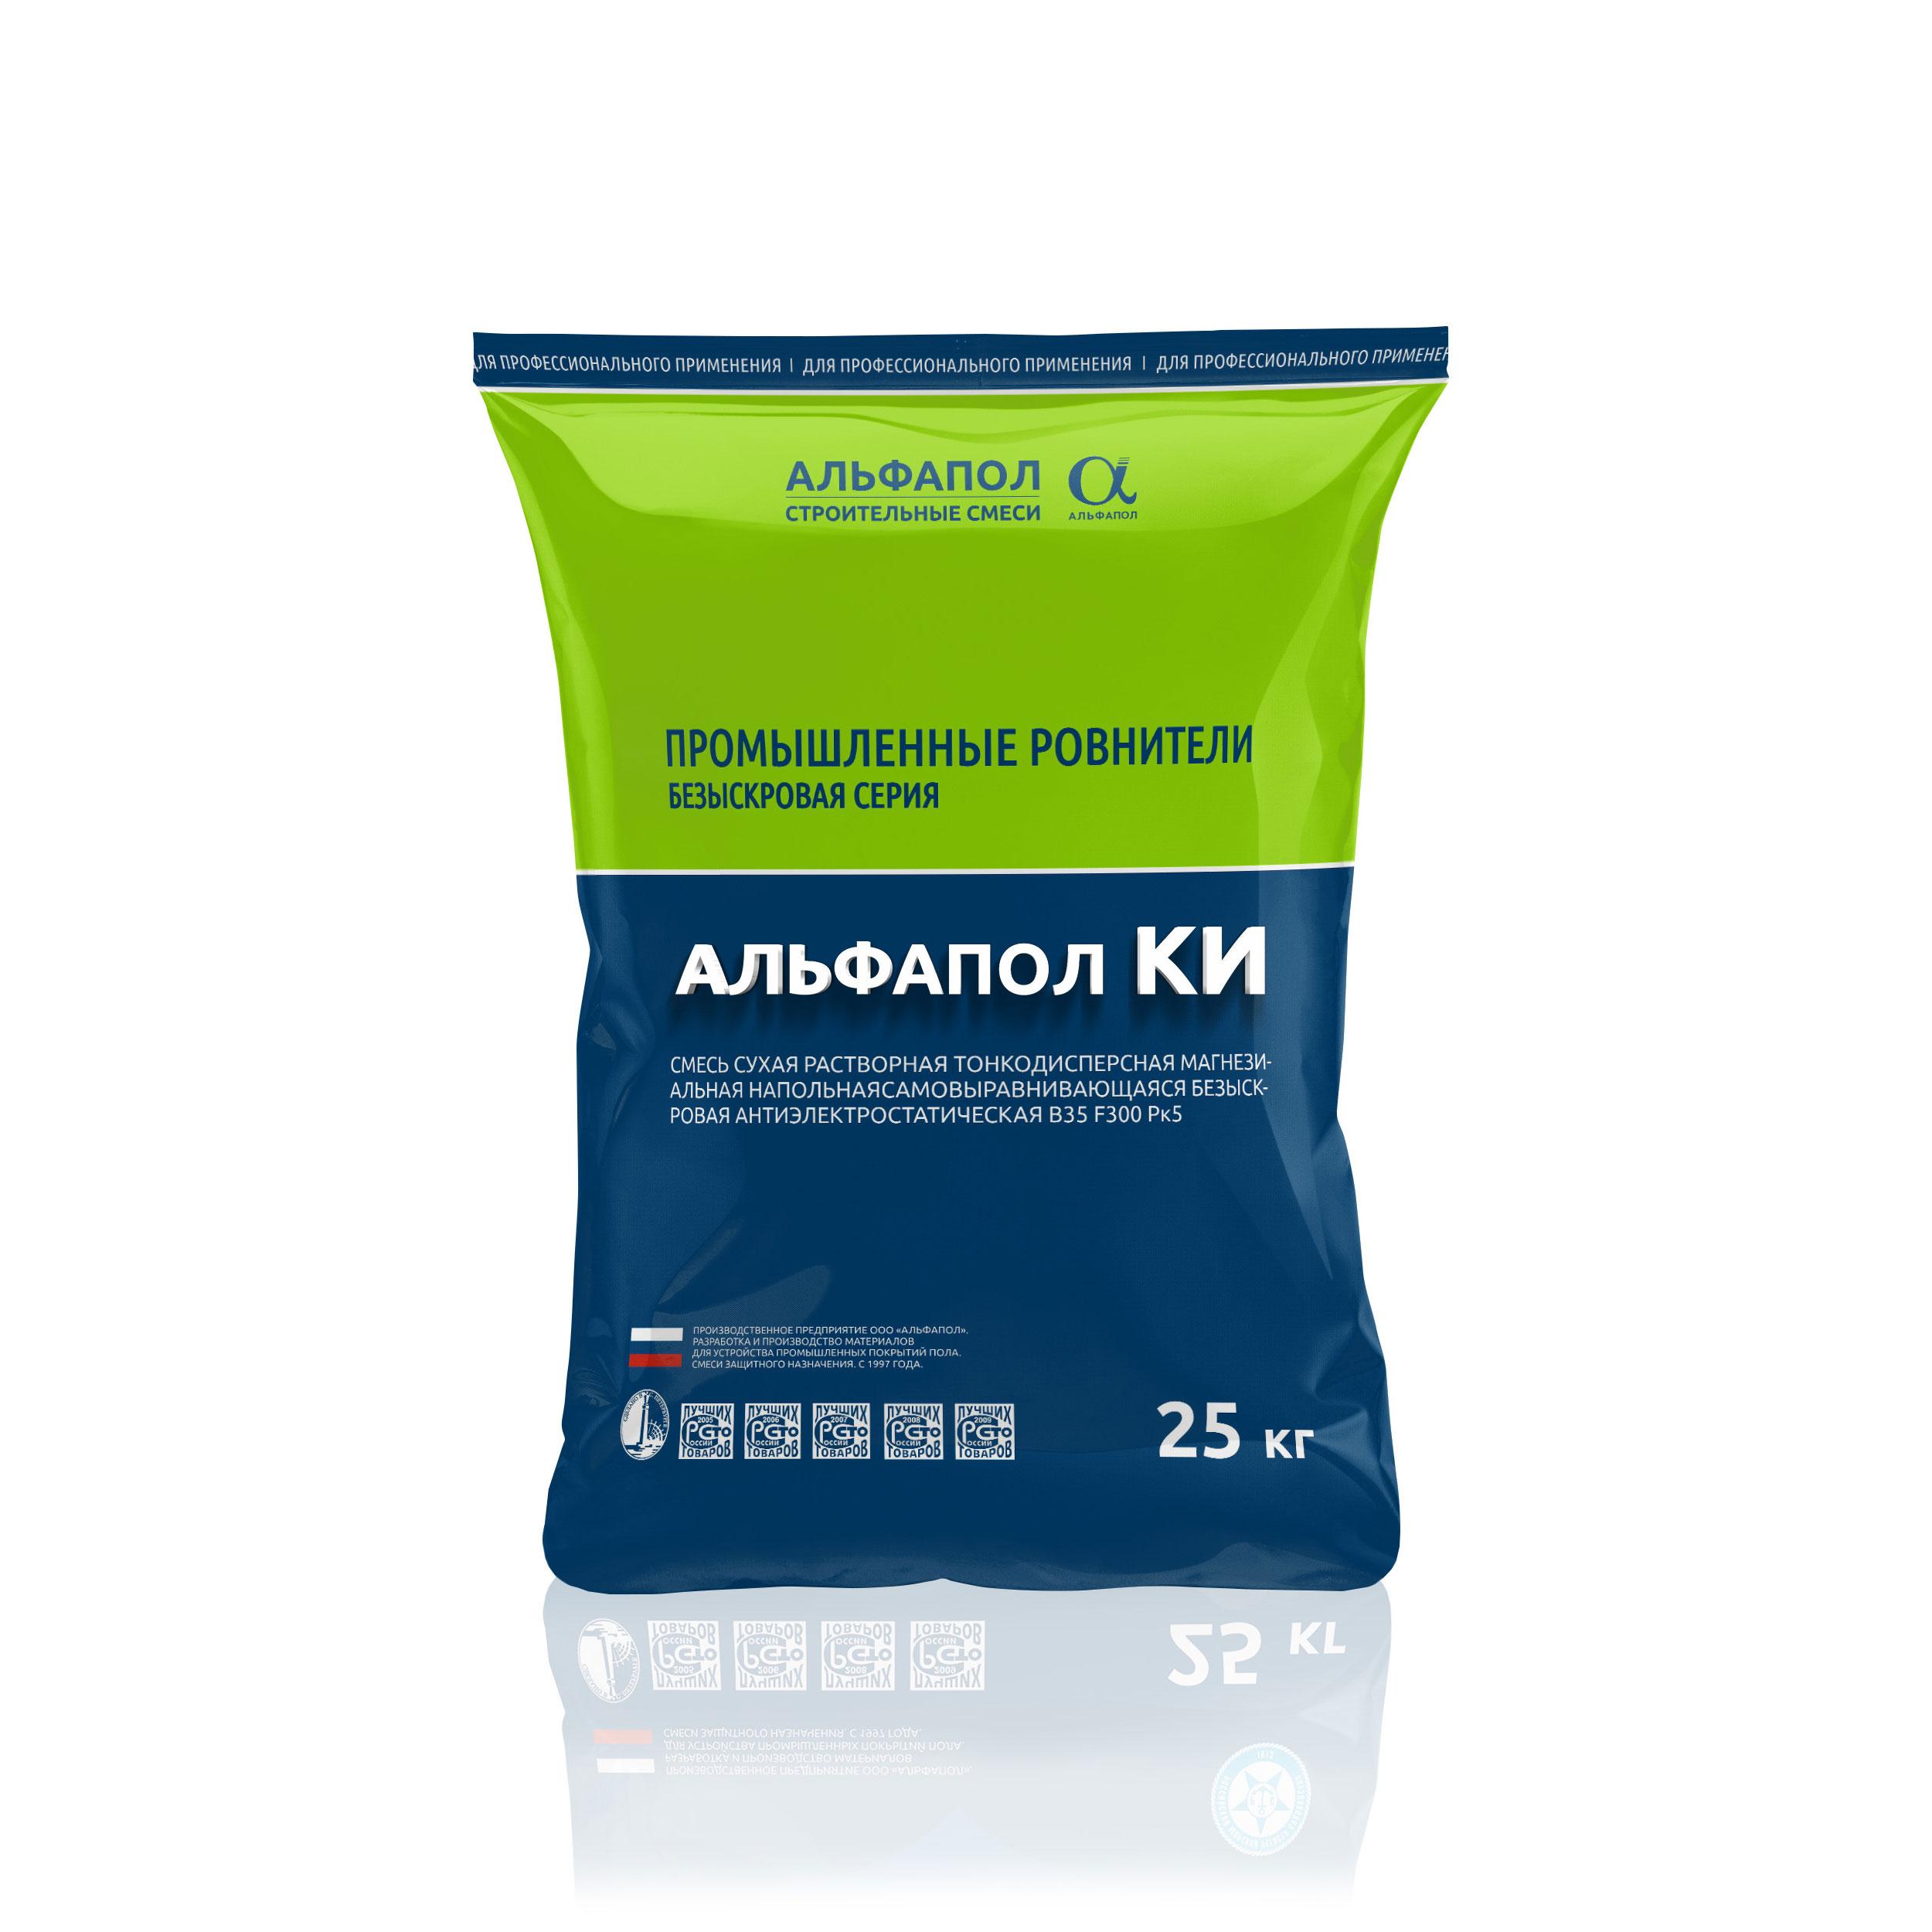 АЛЬФАПОЛ КИ маслобензостойкий: безыскровый антистатический наливной самовыравнивающийся промышленный пол В35